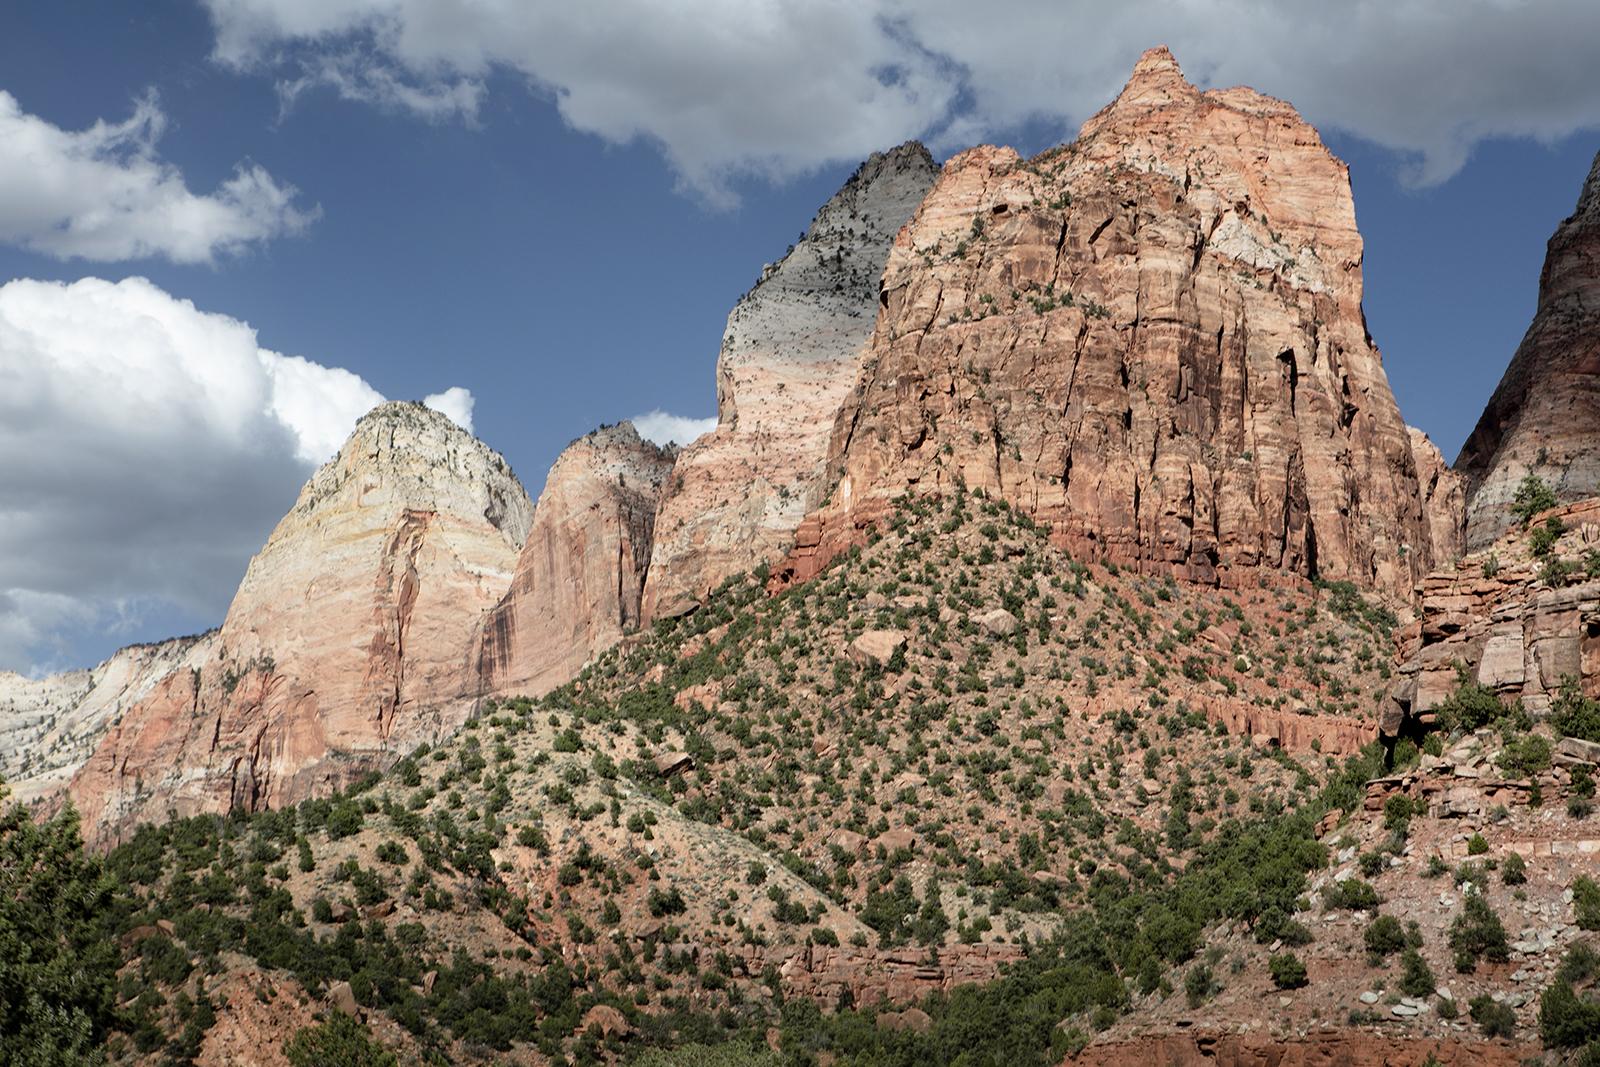 Visiter le parc national de Zion